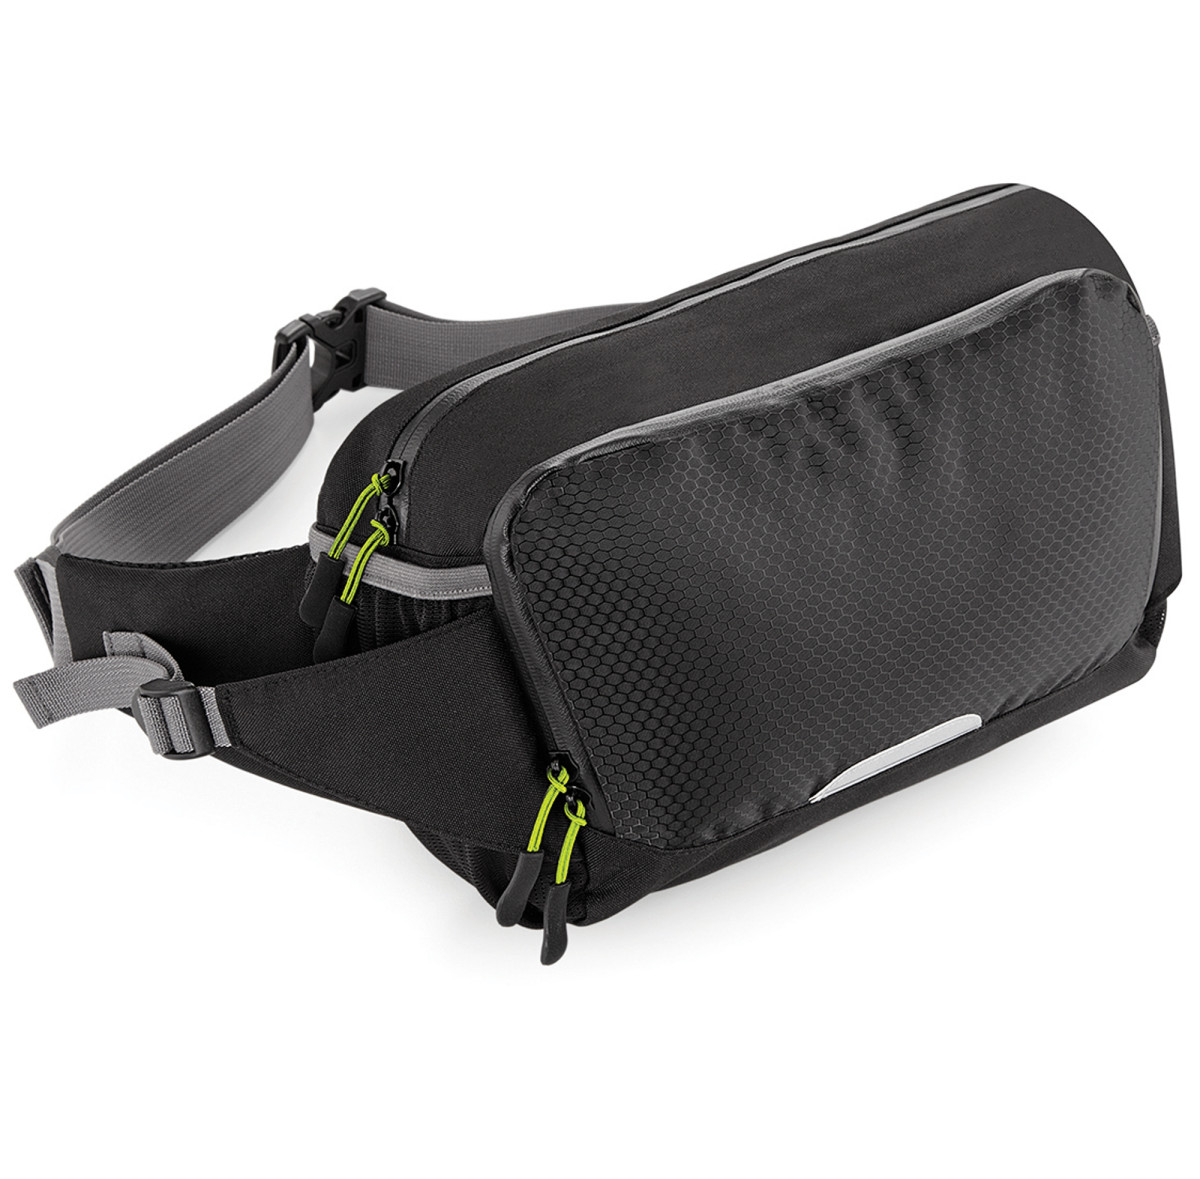 Quadra SLX 5ltr Performance Waistpack